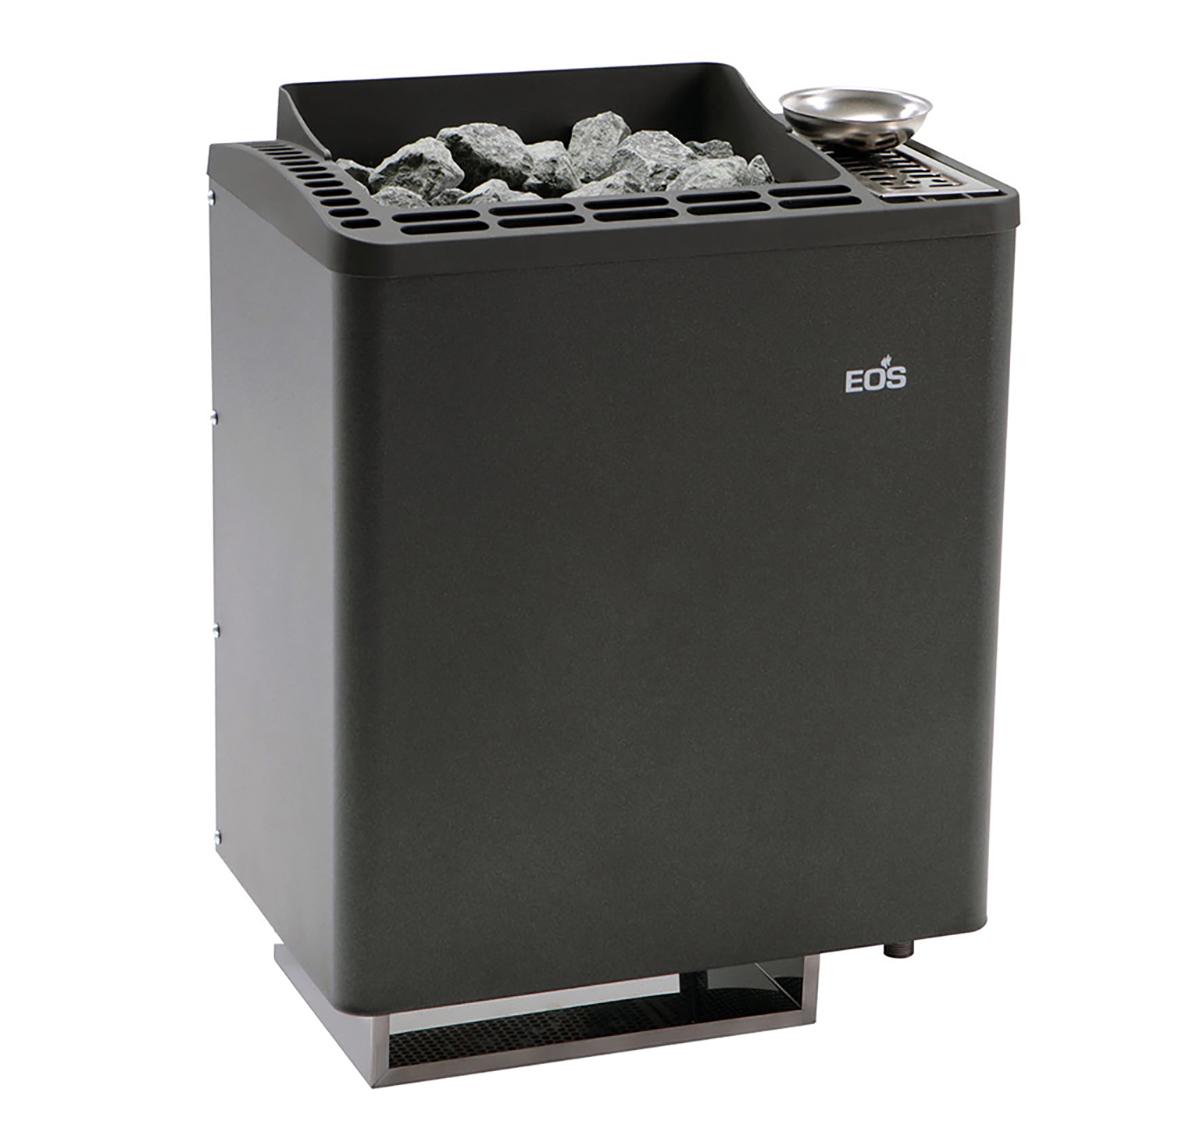 Печи для бани с парогенератором: устройство, принцип работы